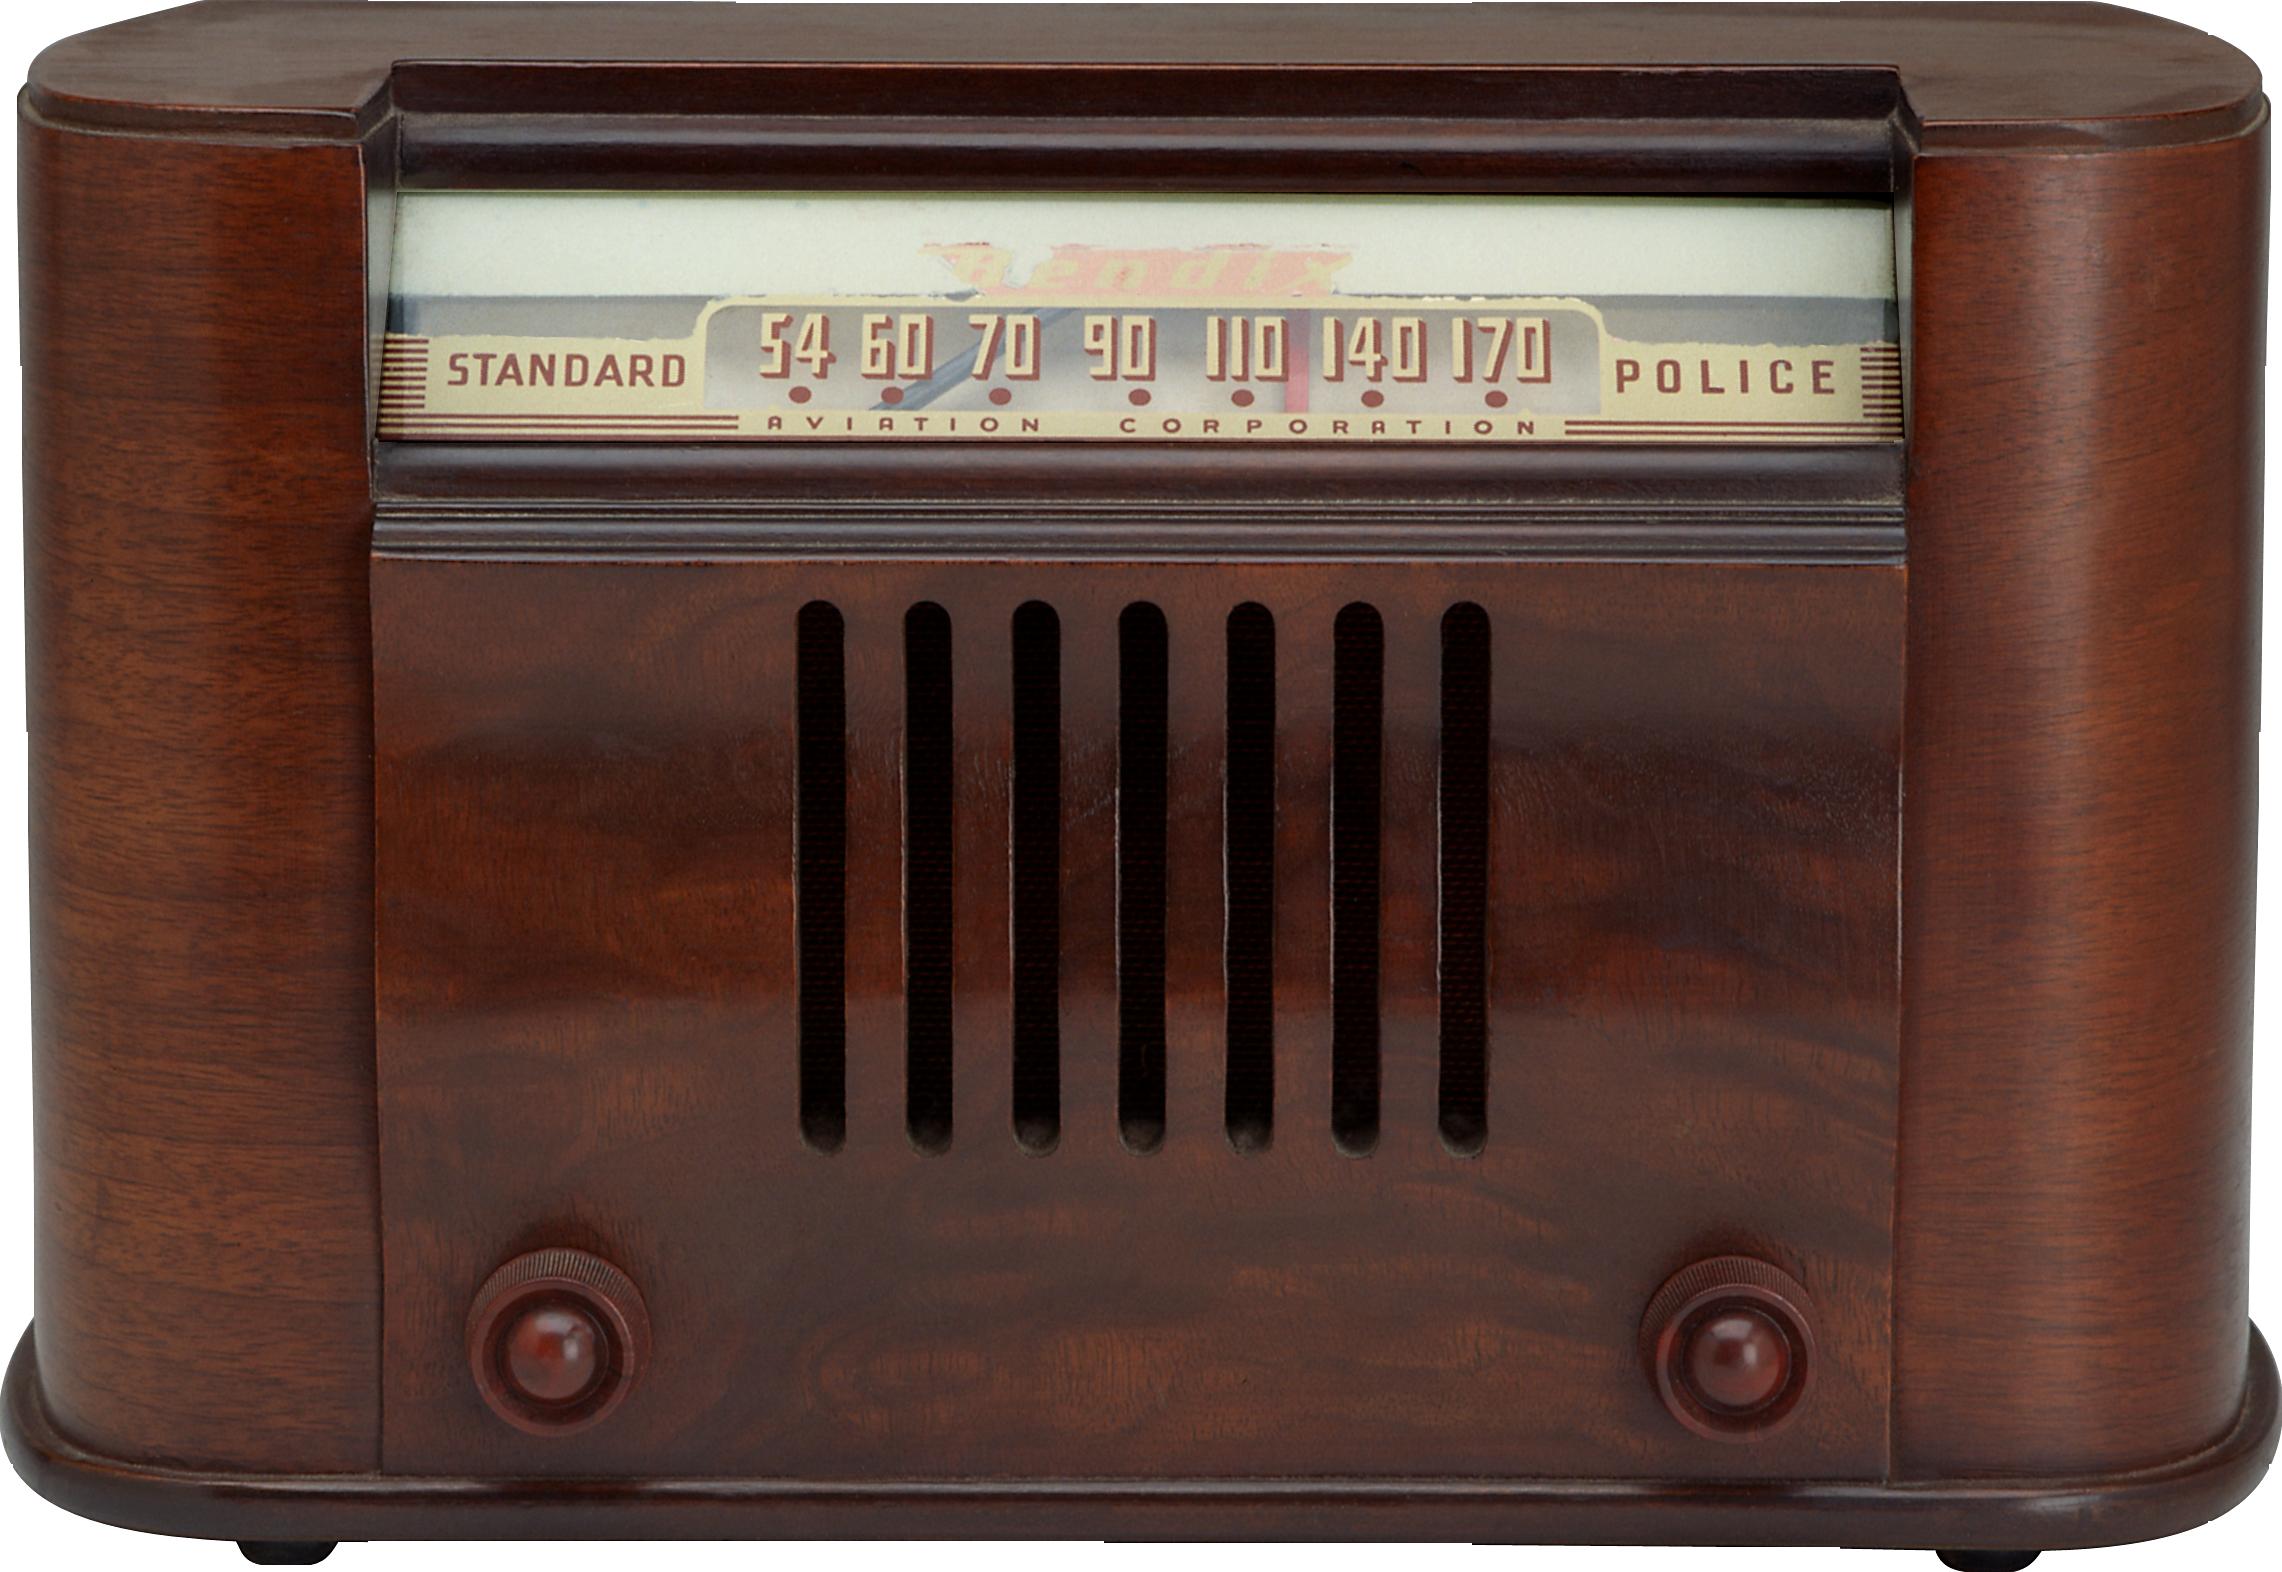 Radio PNG - 15305